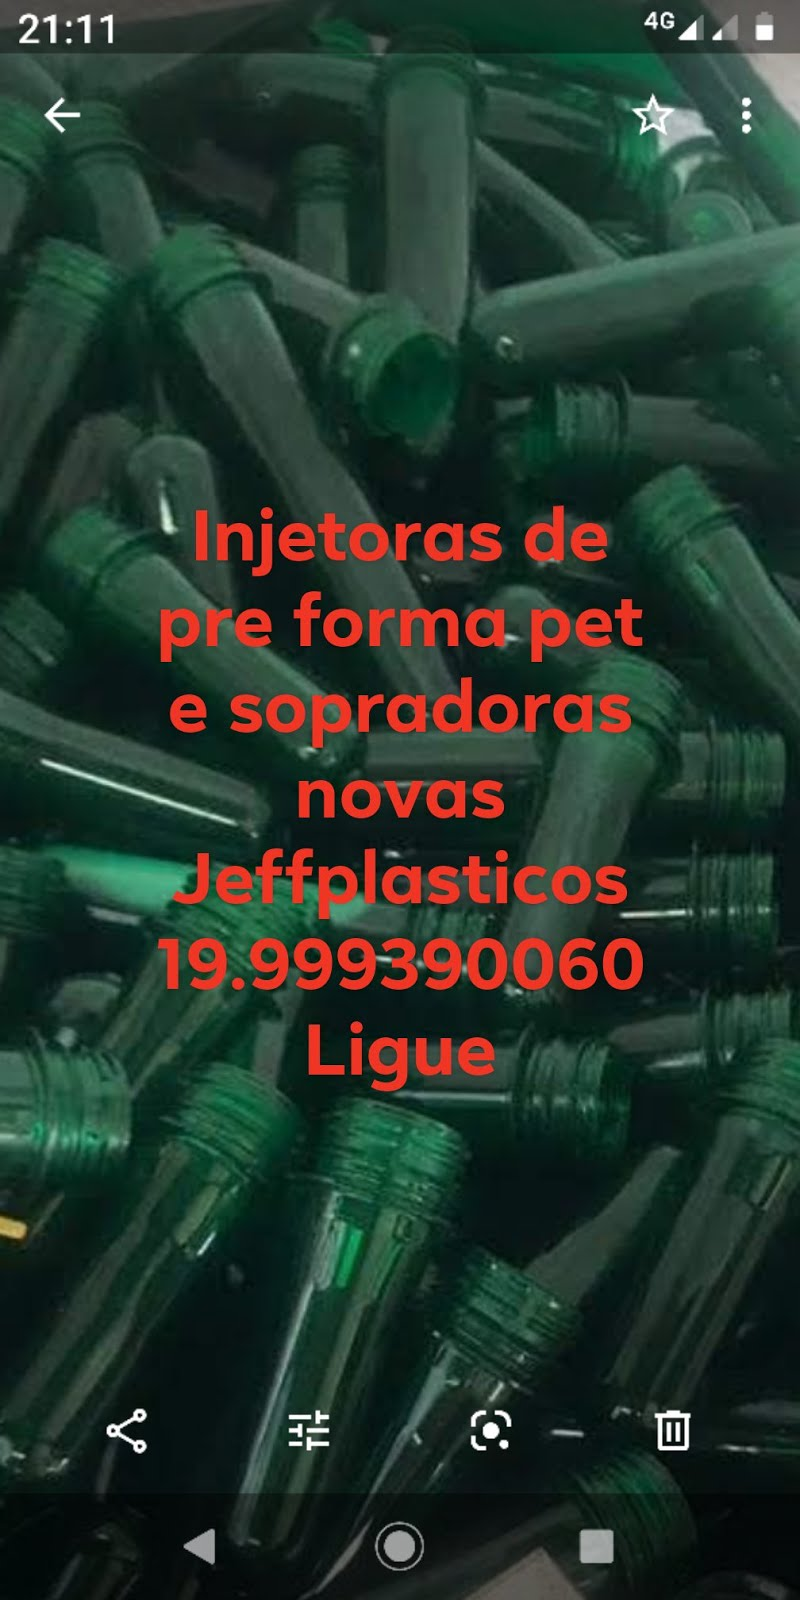 Sopradoras de frascos em pet de limpeza, alimenticios, farmaceuticos e outros Jeffplasticos